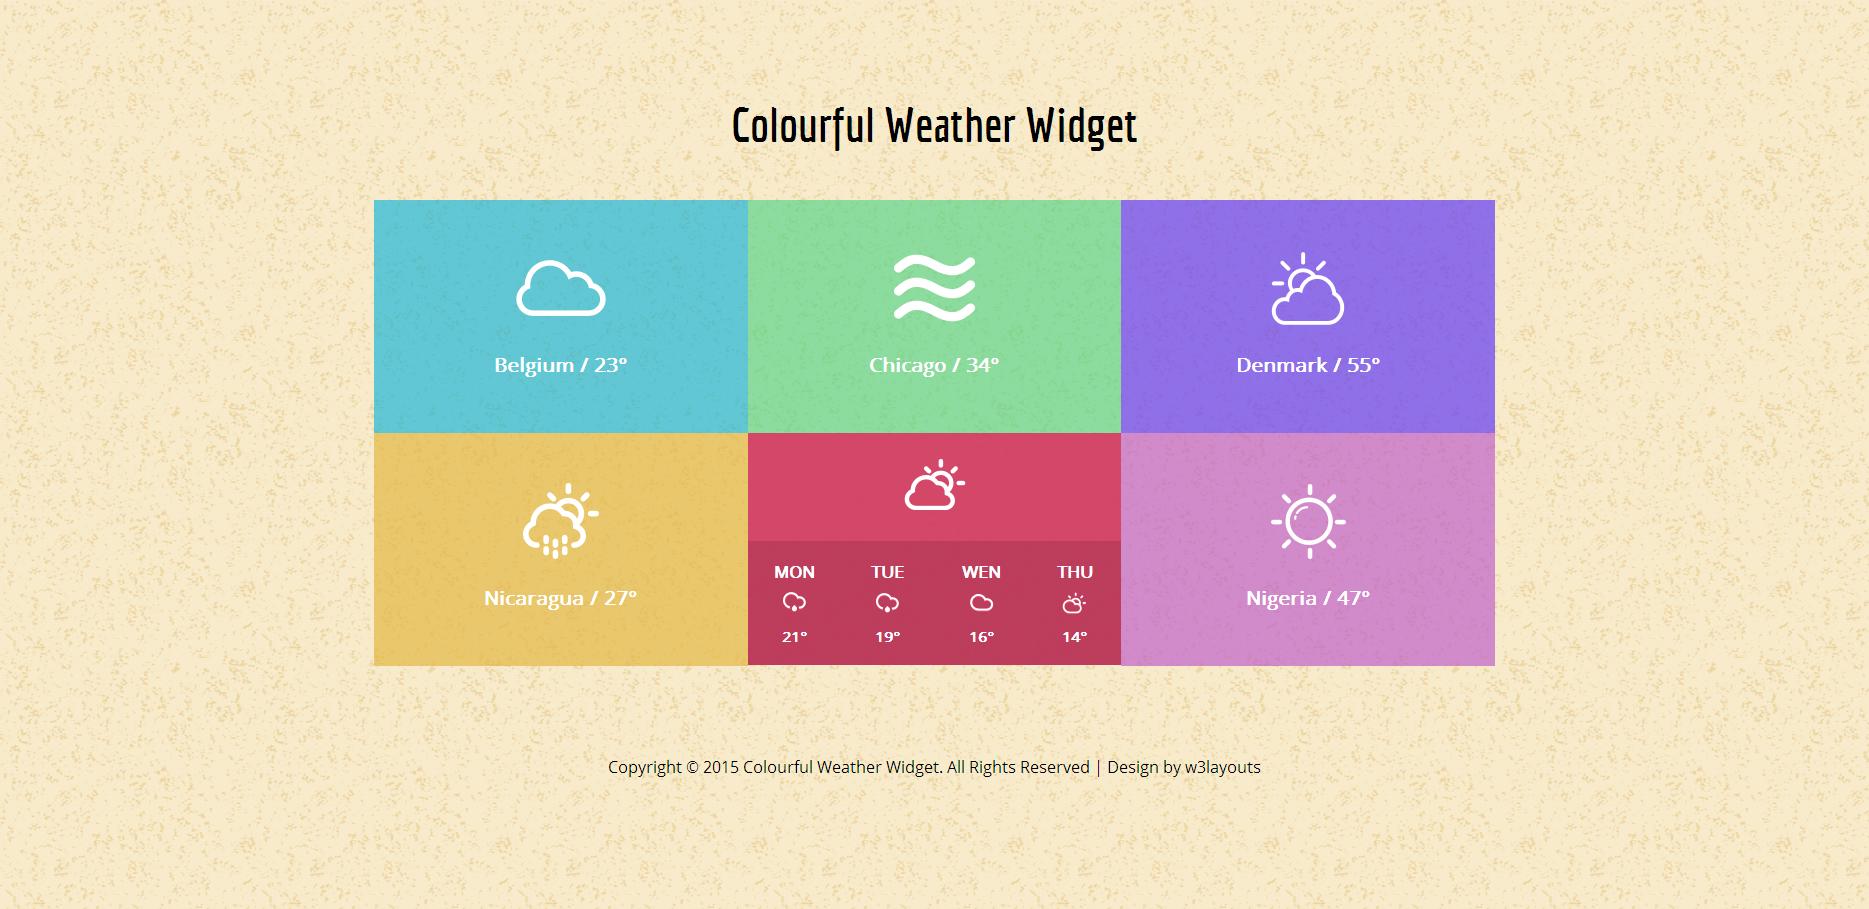 彩色天气预报组件响应式网页模板